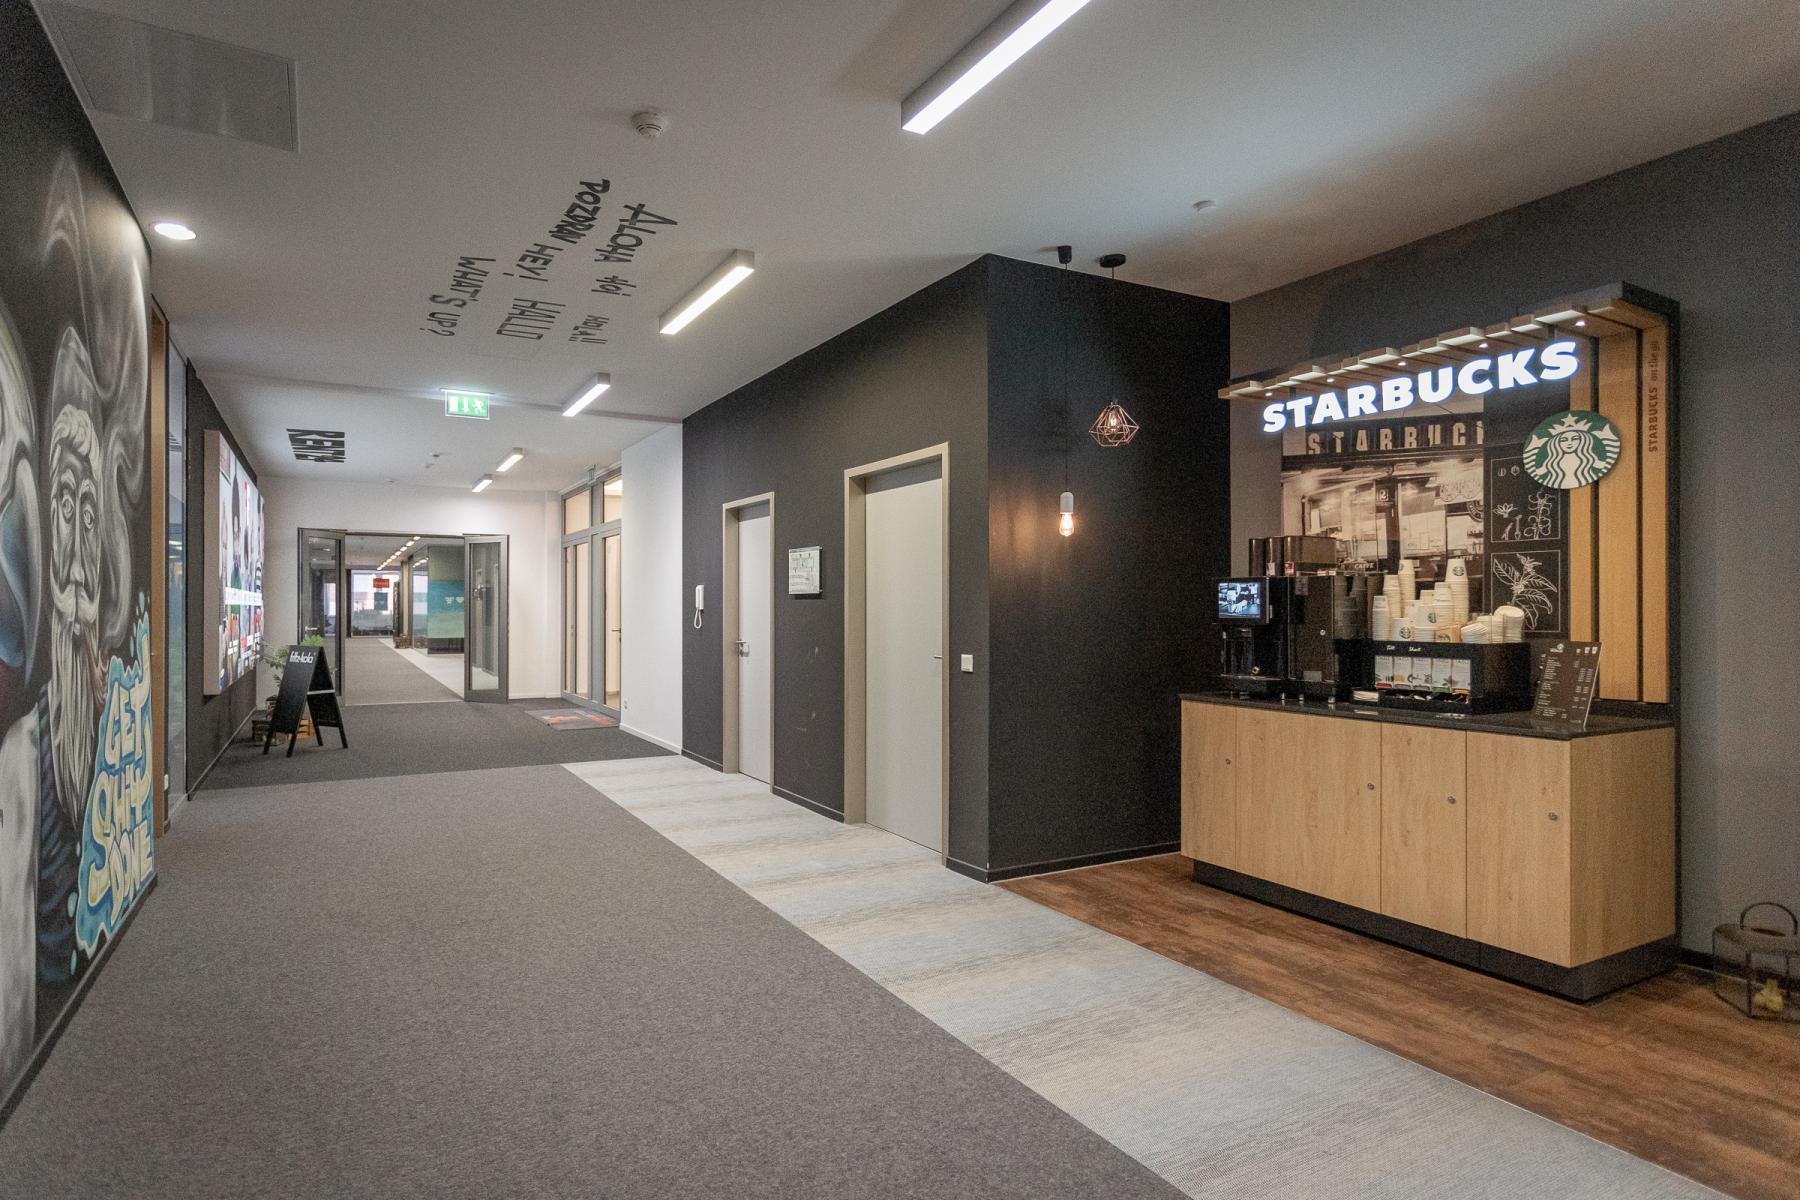 Kaffeeecke business center Hafencity